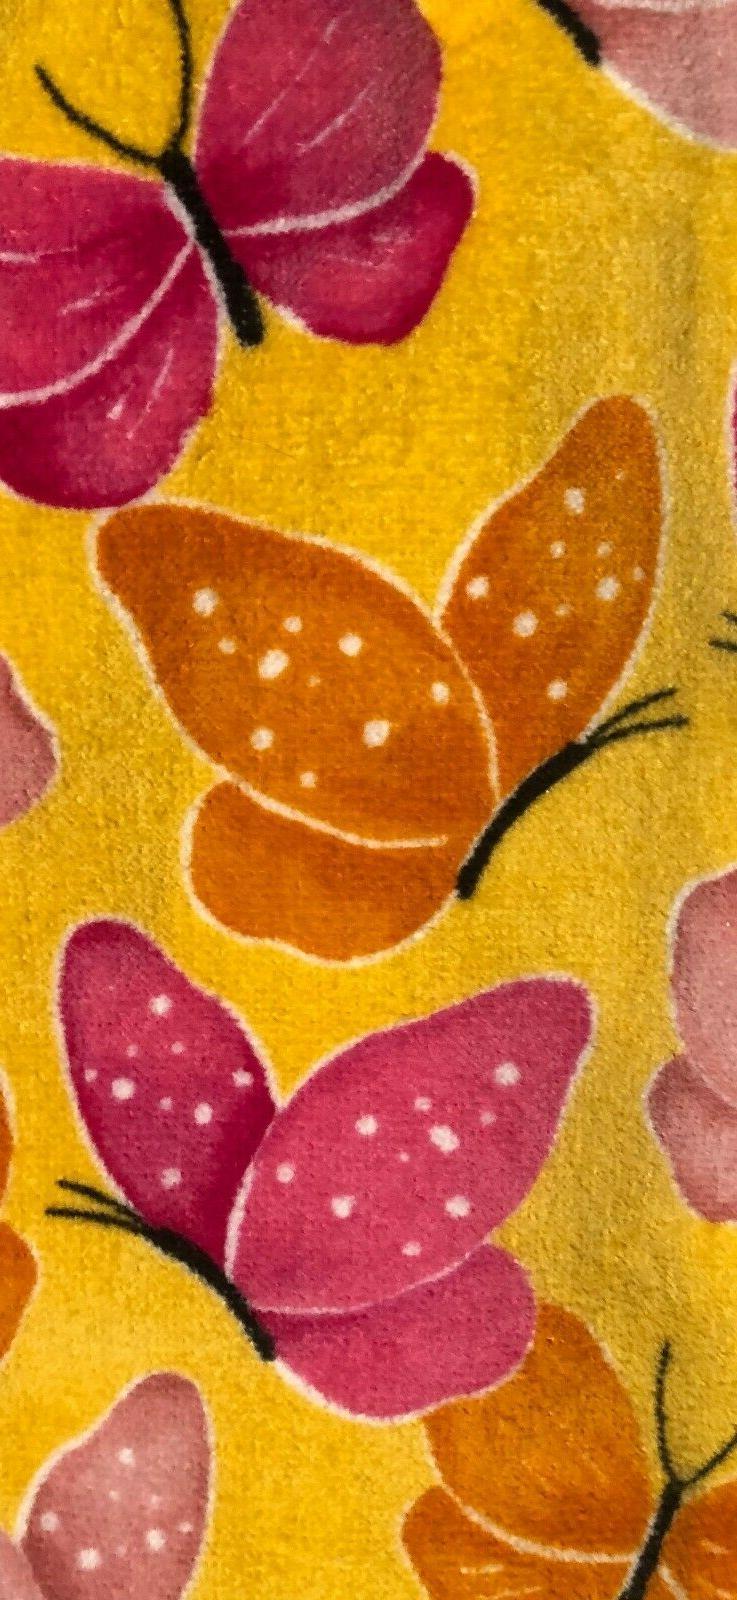 Ritz Yellow, & Orange Theme of Kitchen Towels